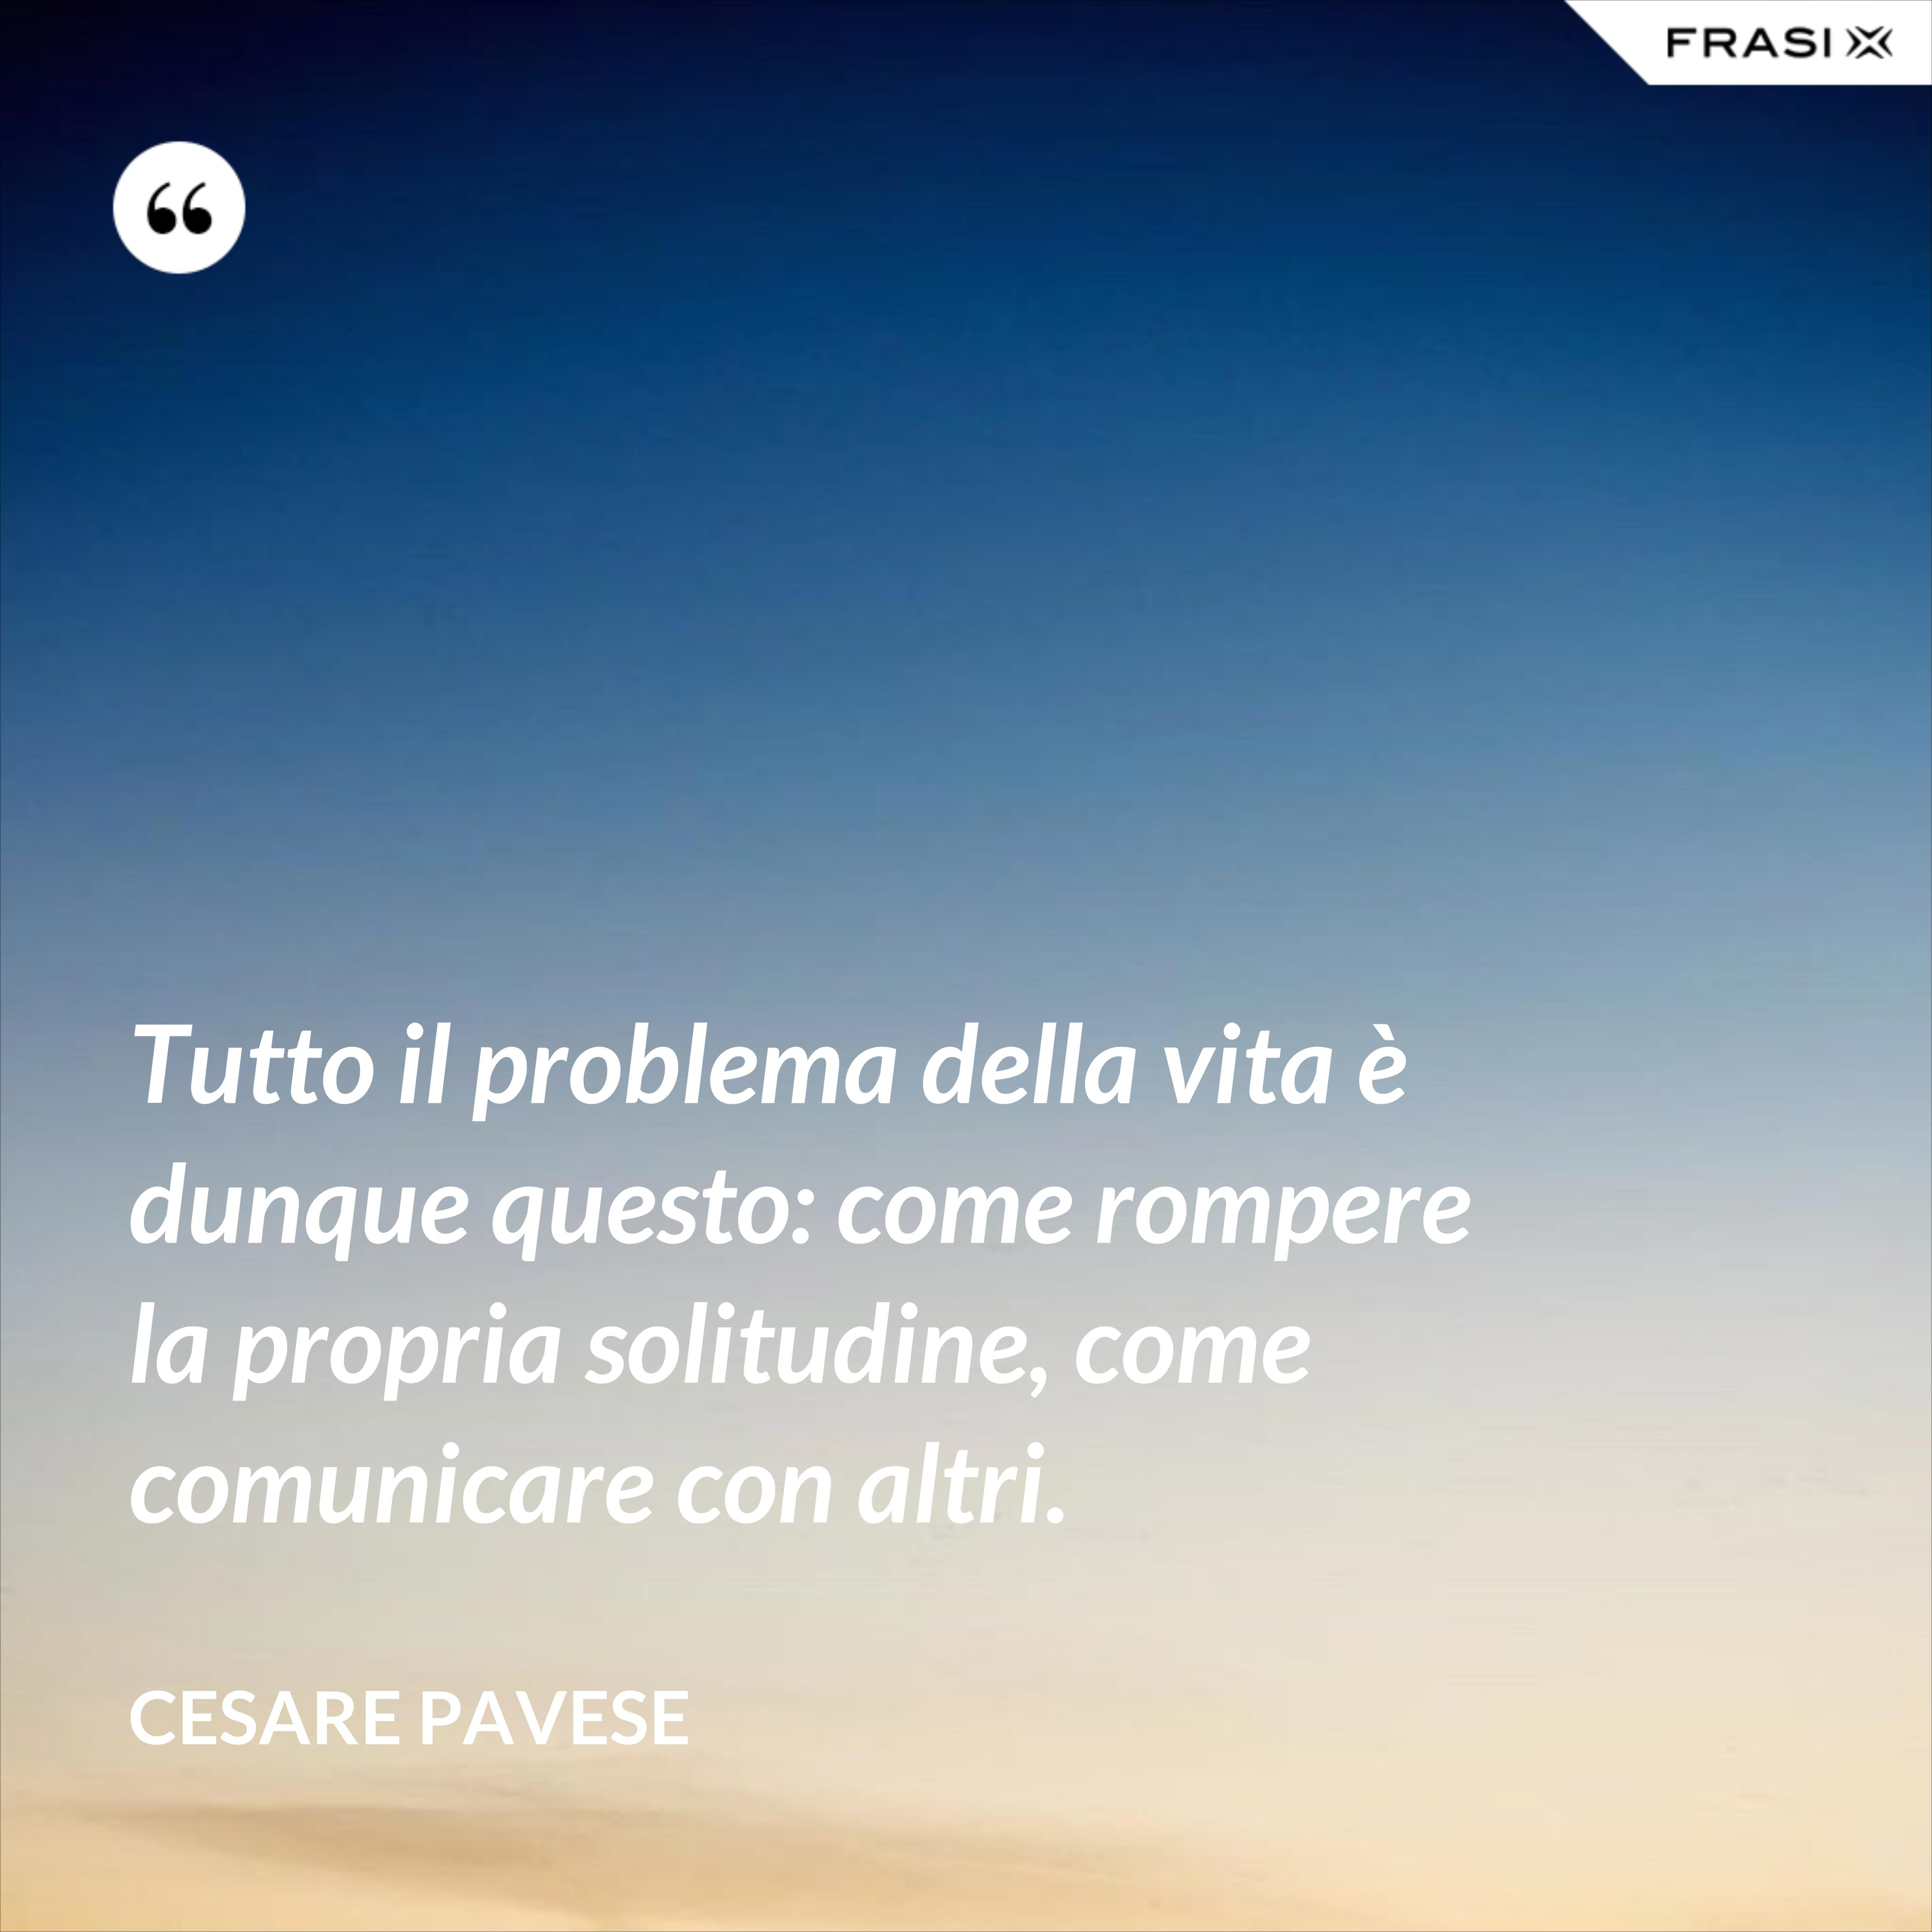 Tutto il problema della vita è dunque questo: come rompere la propria solitudine, come comunicare con altri. - Cesare Pavese